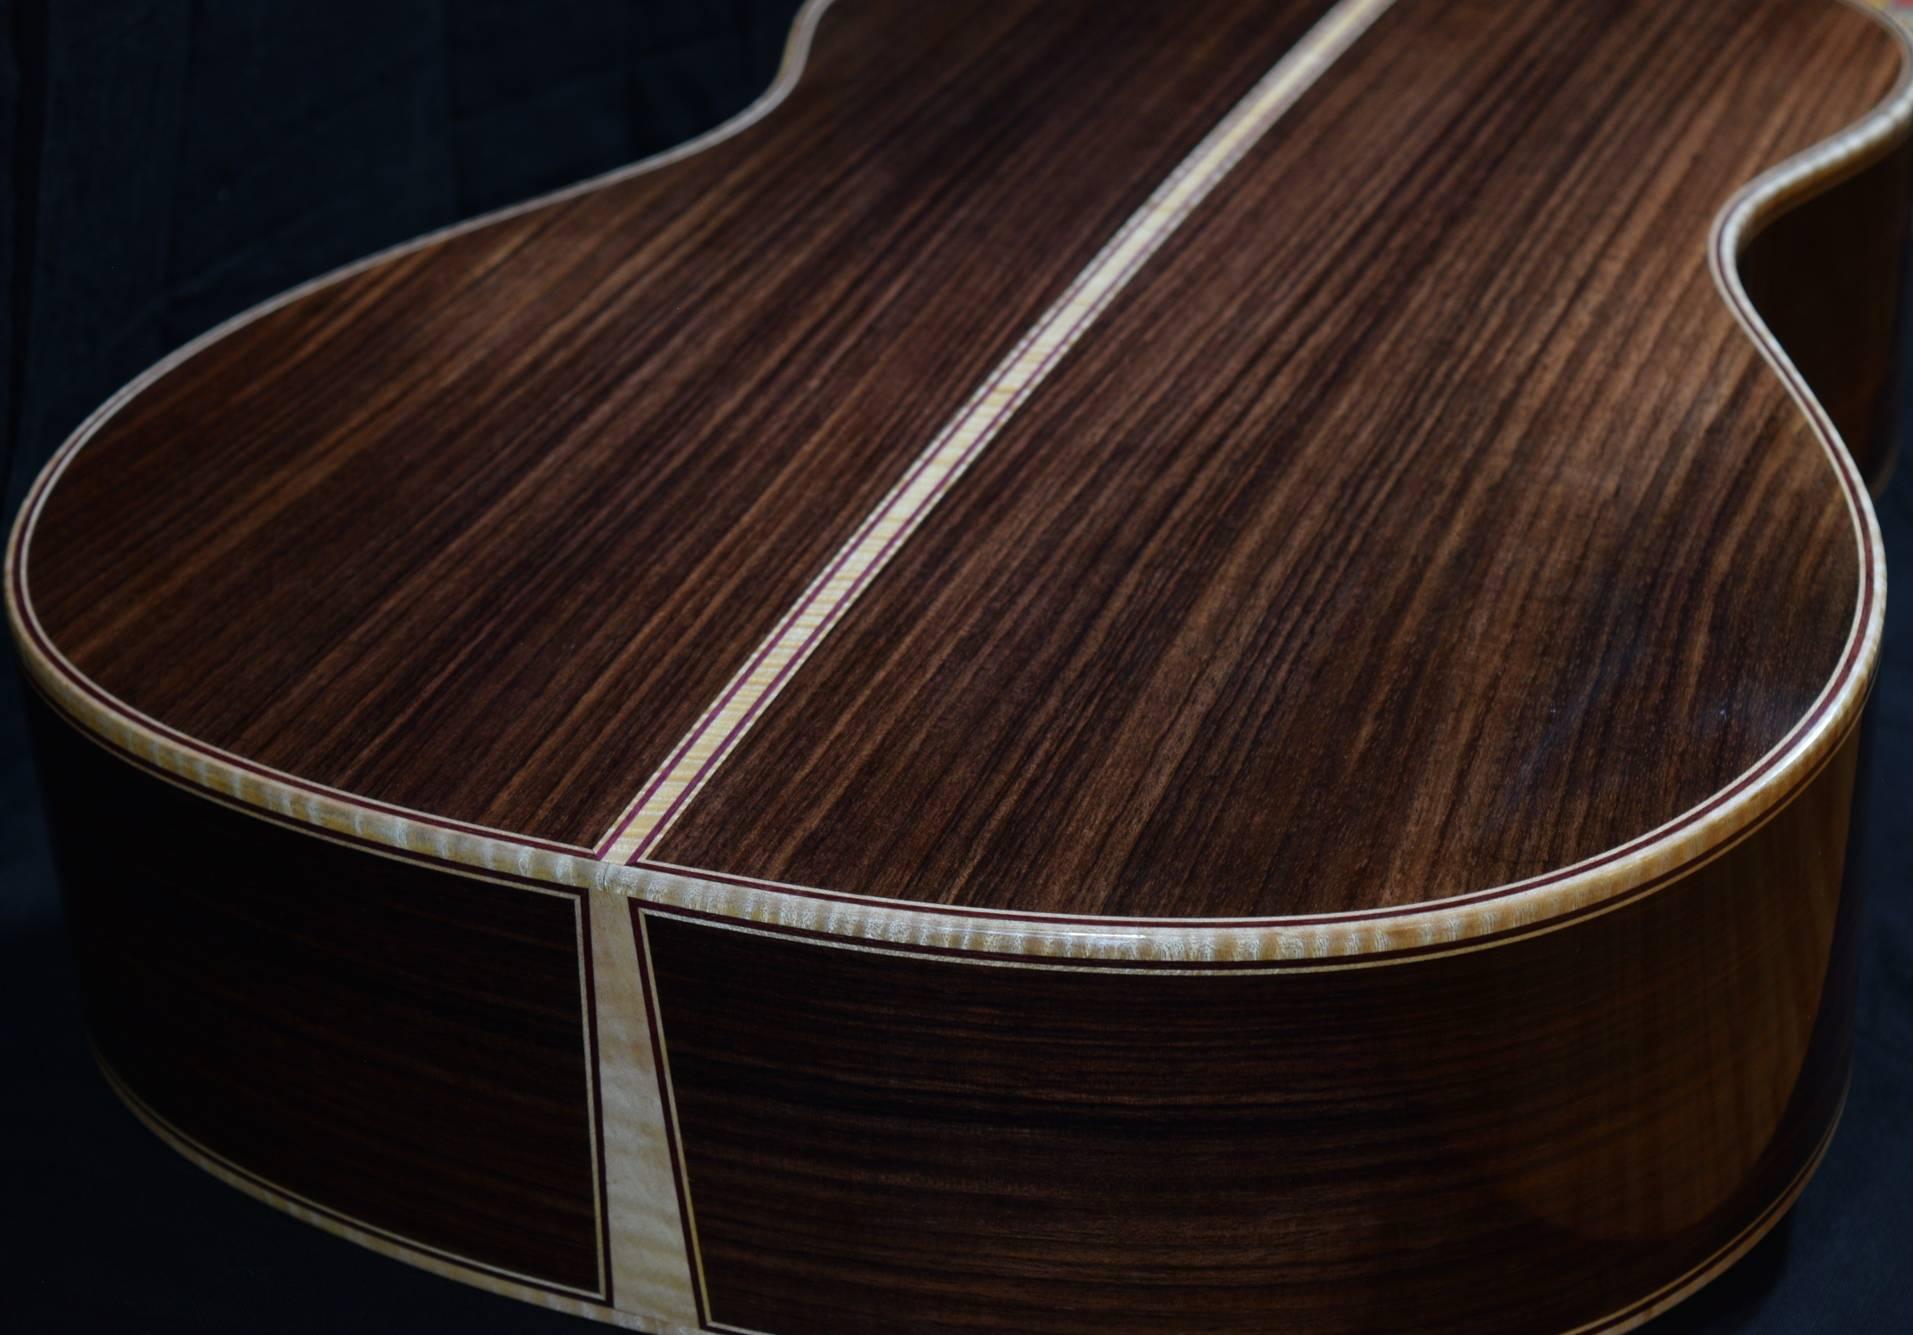 Guitar No. 19